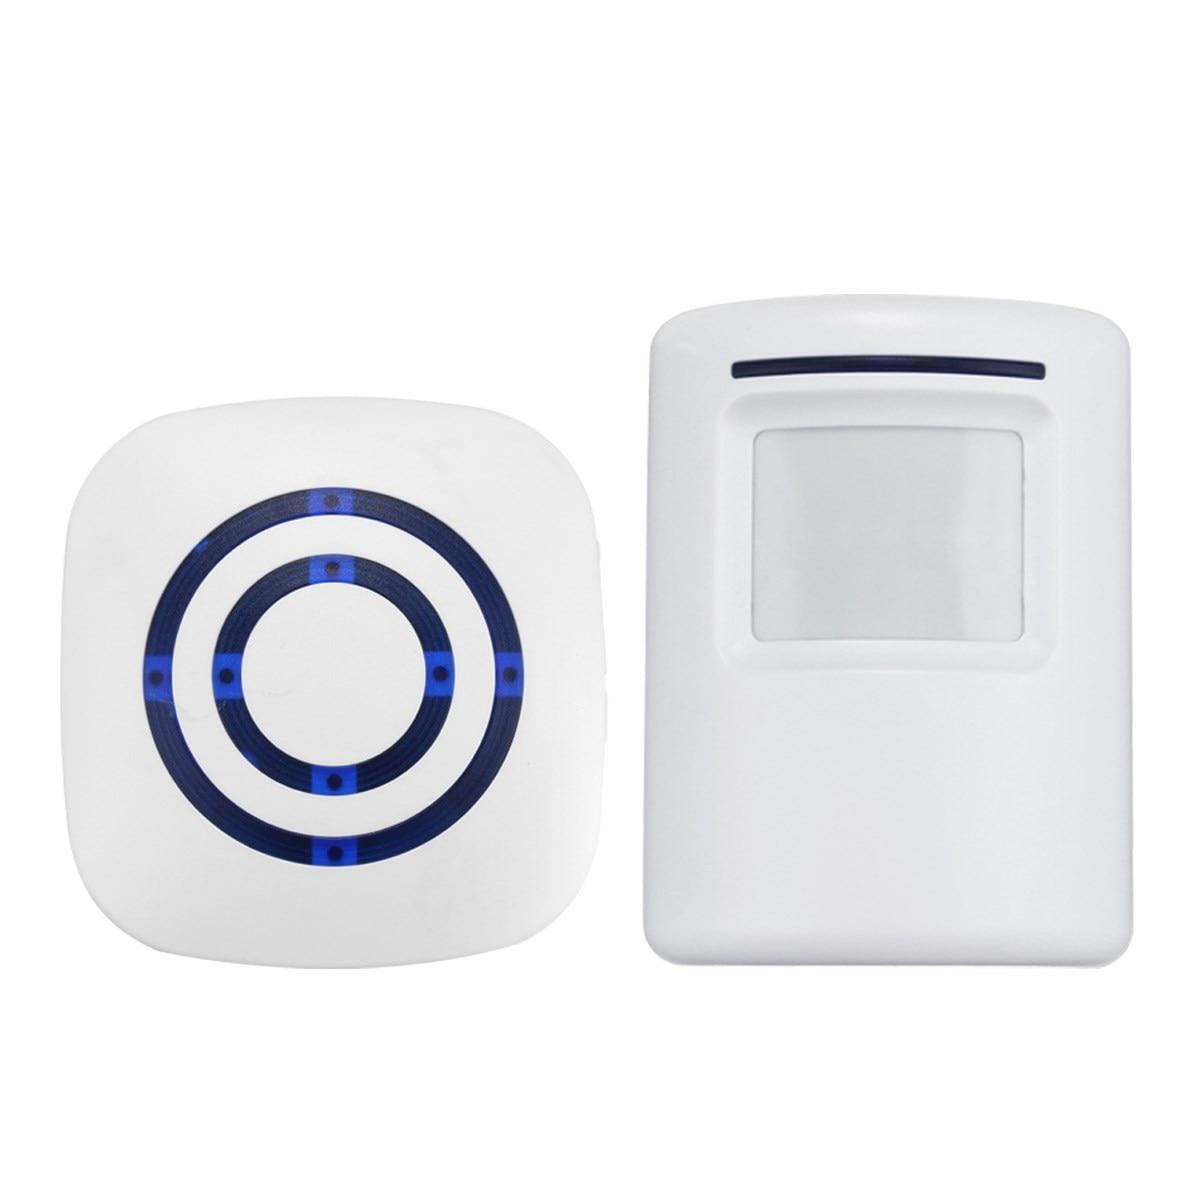 Safurance Sem Fio Sensor de Movimento Detector de Portão de Entrada Da Porta de Bell Chime Bem-vindo Alerta Domótica Alarme de Segurança Em Casa